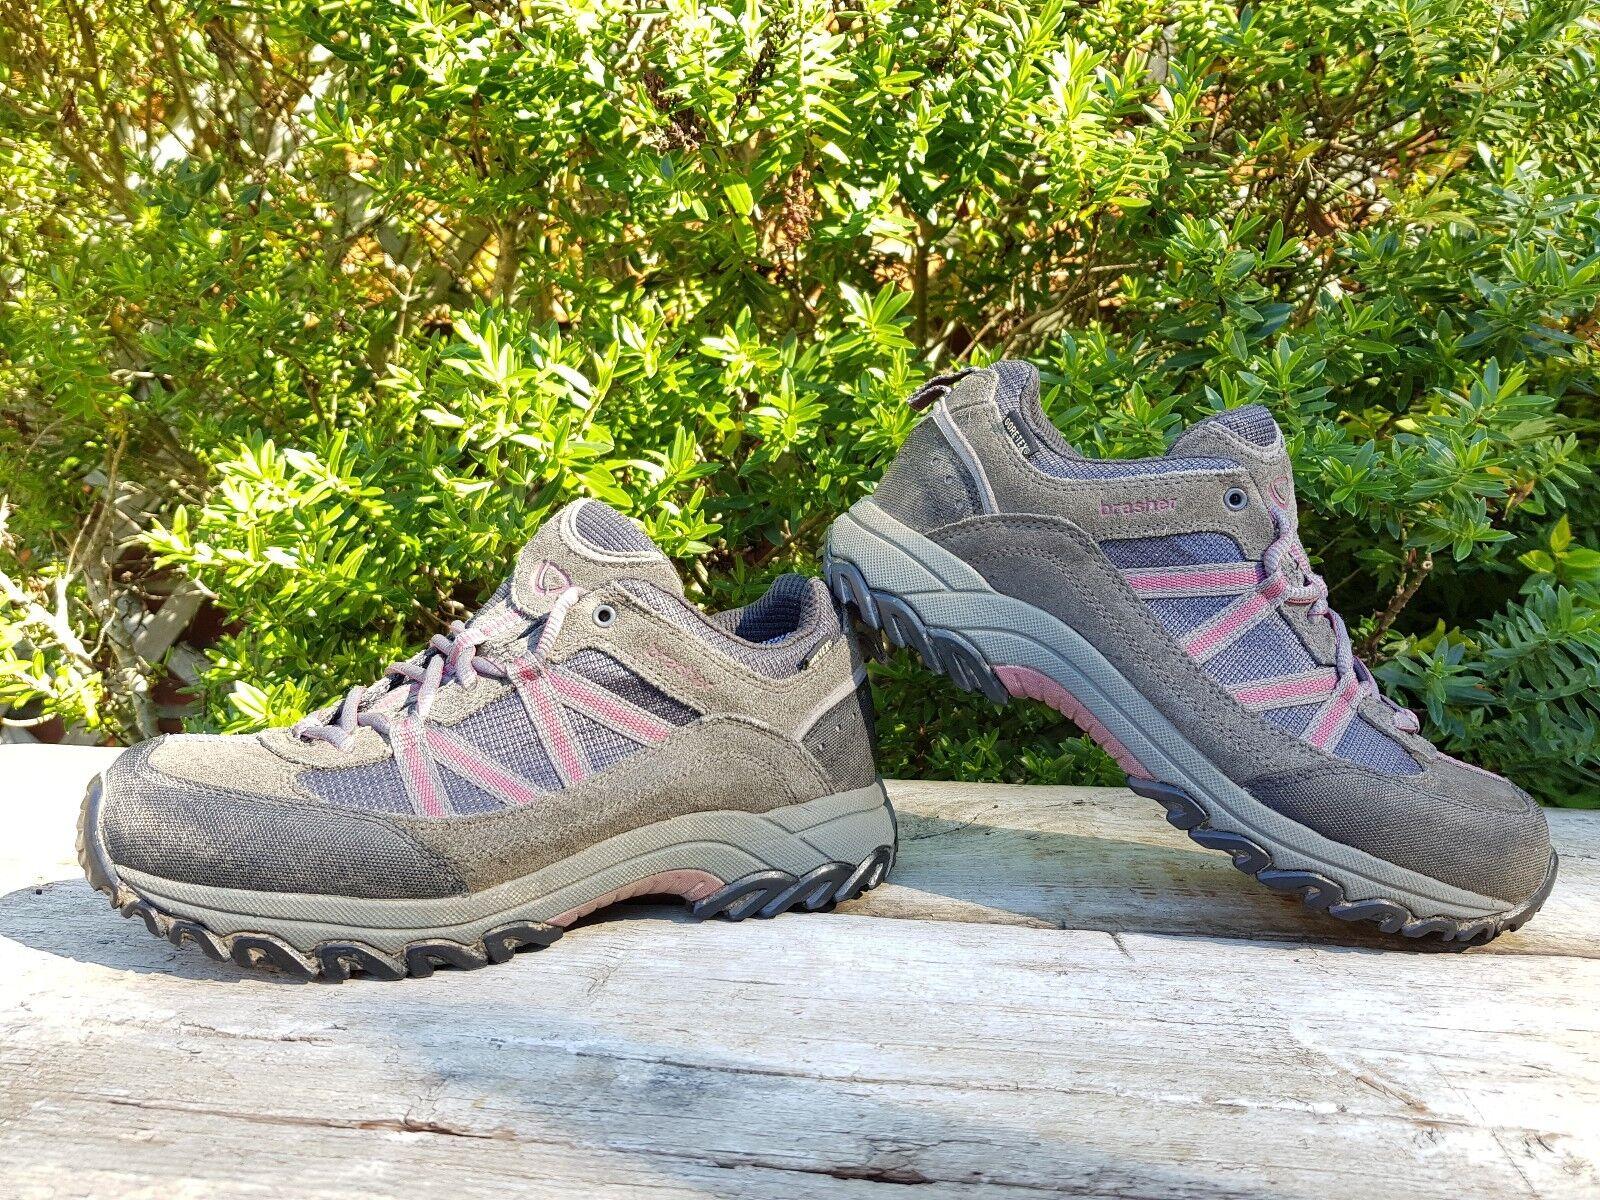 BRASHER ODIN GTX GORE-TEX  Women's Size UK6 UK6 UK6  Walking Hiking shoes Leather Vibram 815263